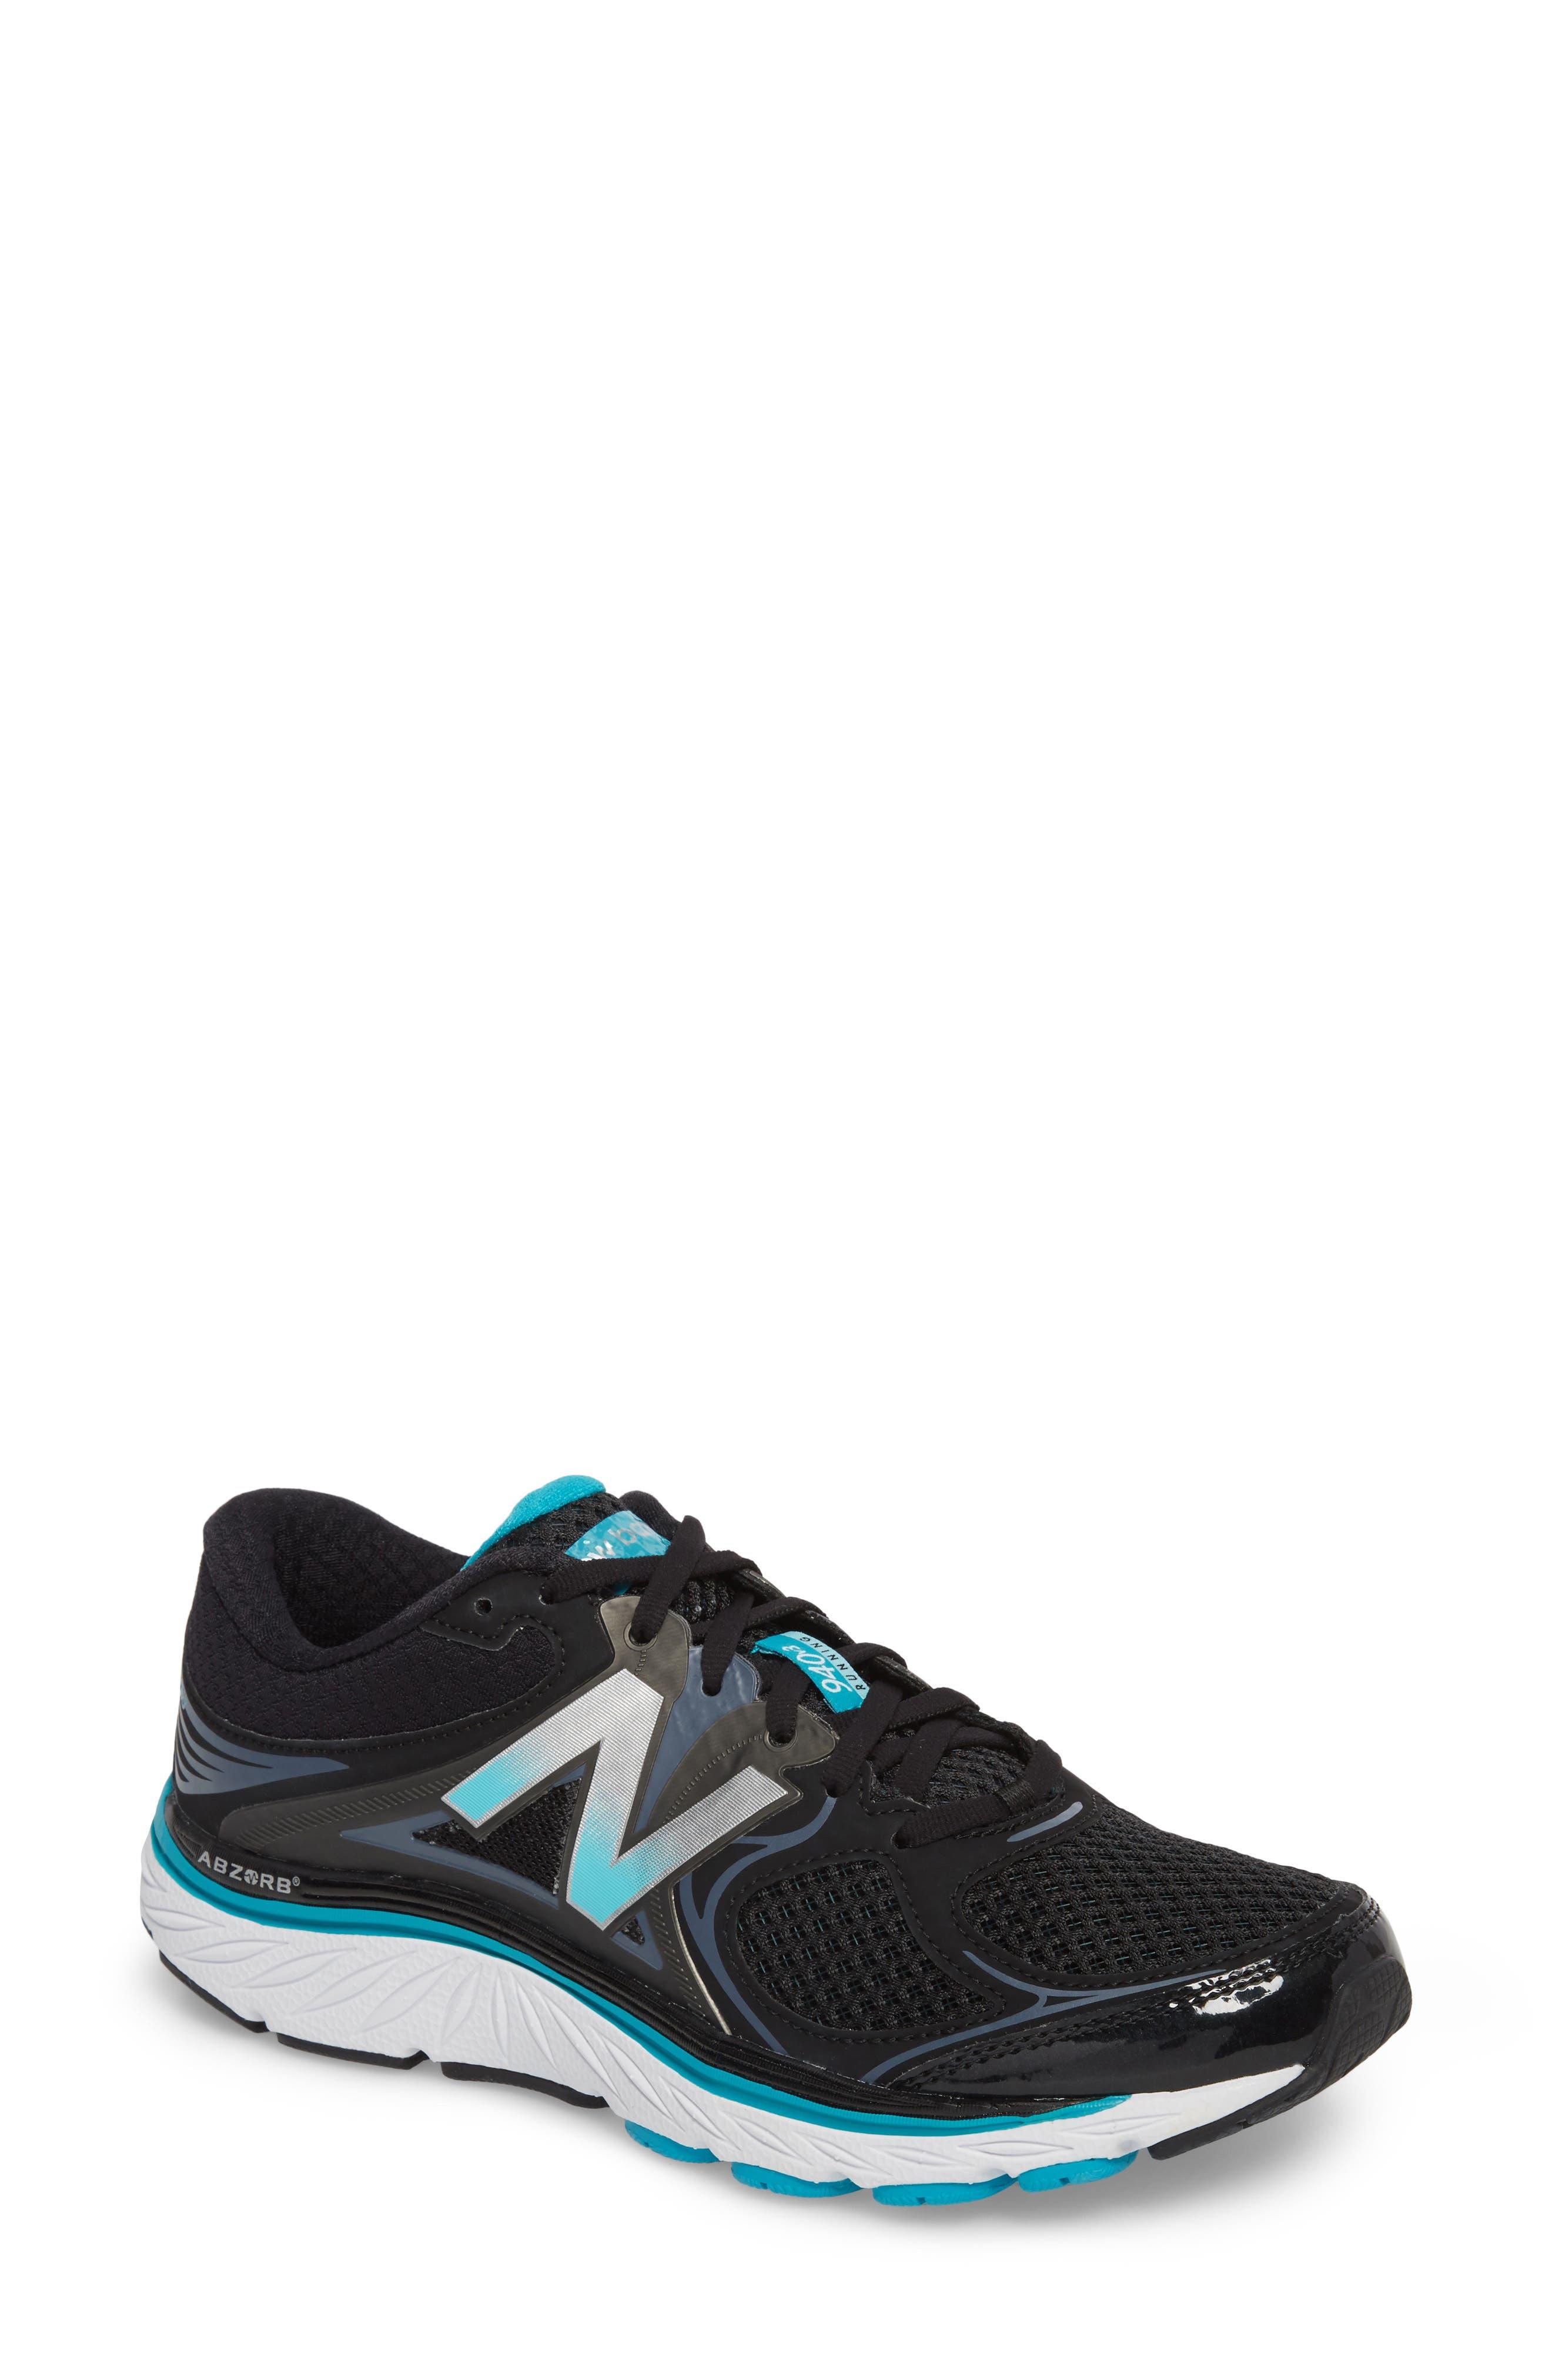 940v3 Running Shoe,                             Main thumbnail 1, color,                             BLACK/ BLUE